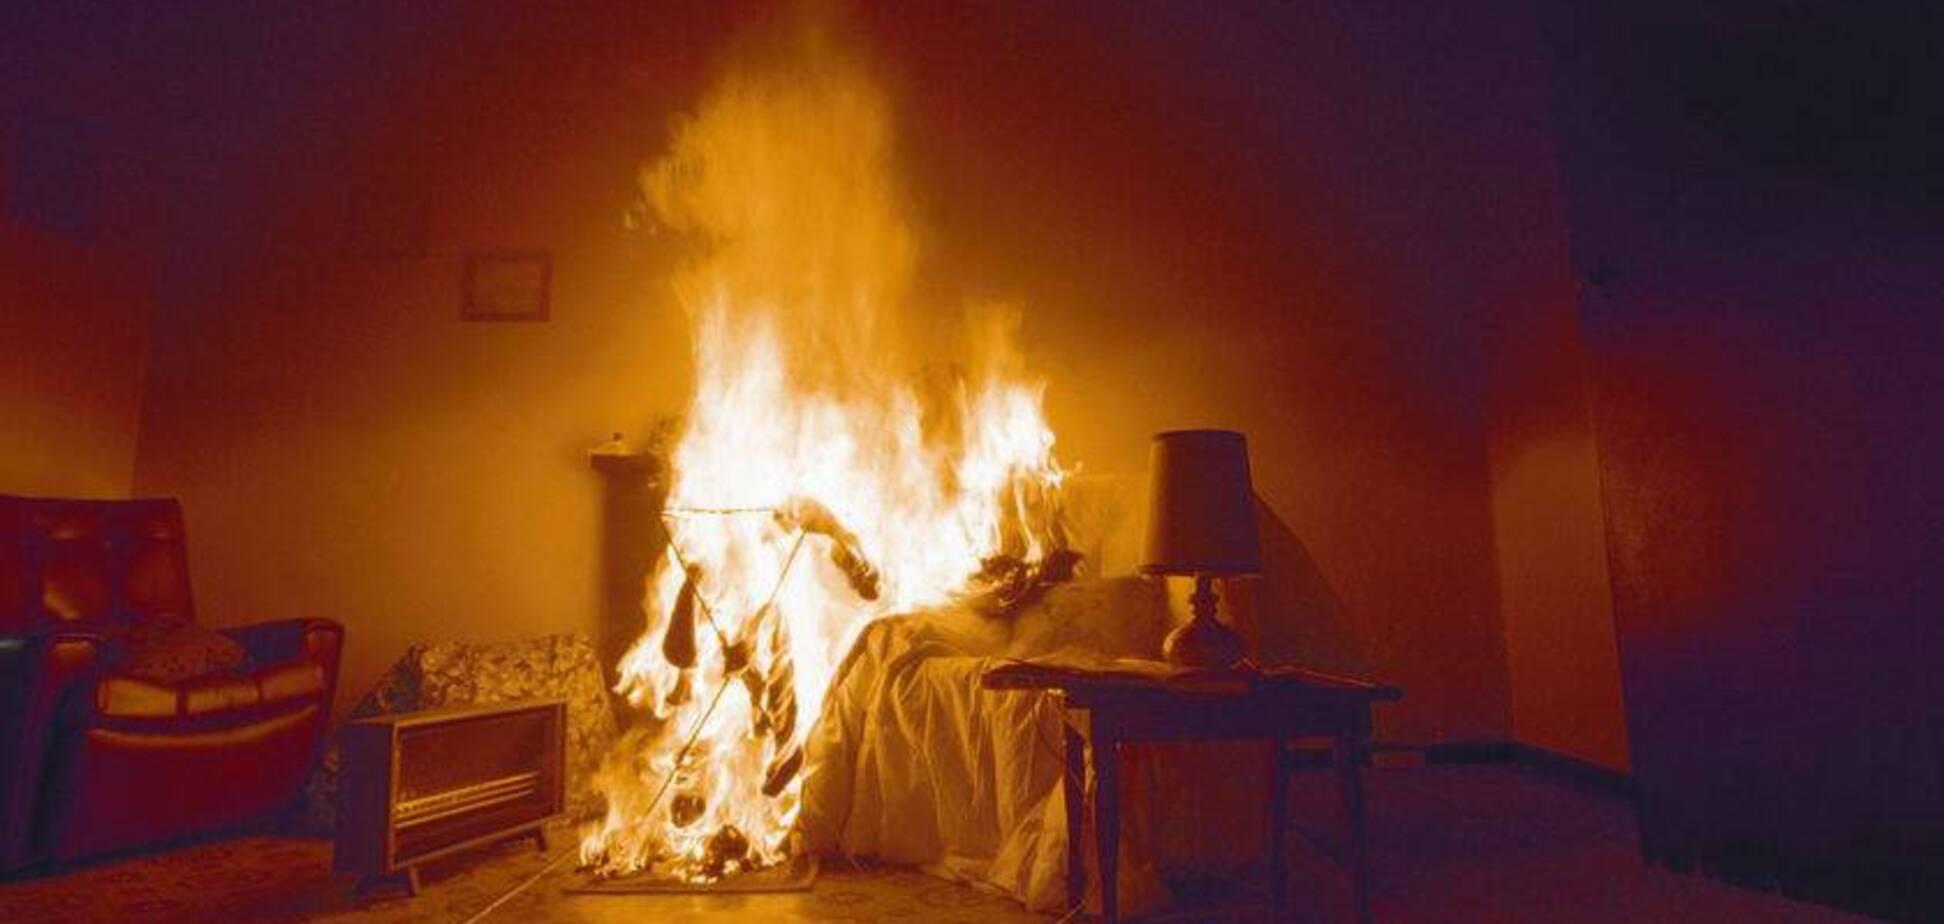 У Кривому Розі трапилася пожежа в дев'ятиповерхівці: є постраждалий